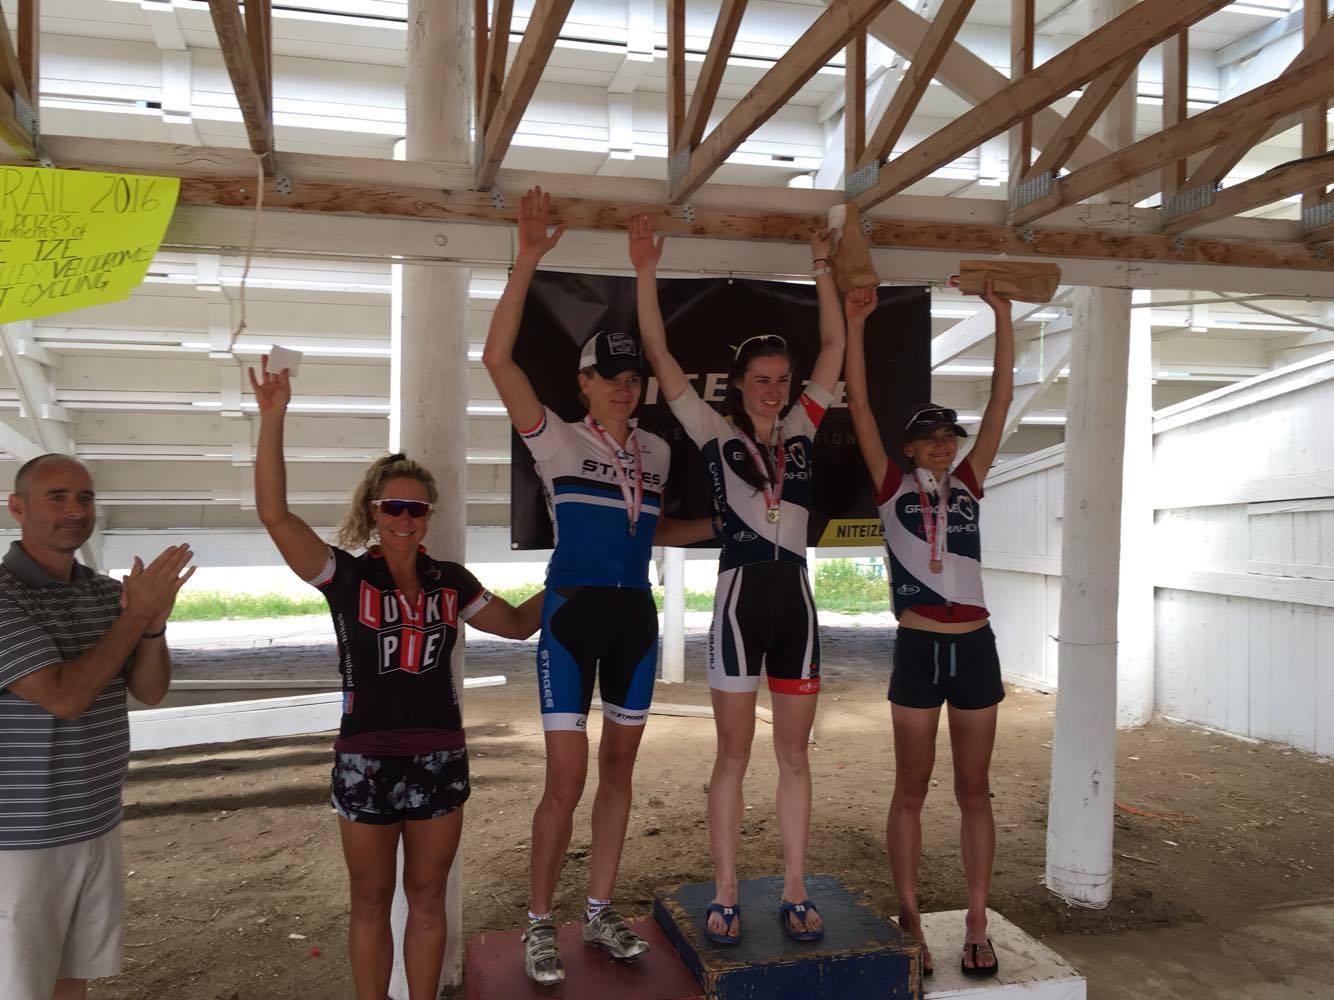 06052016 Deer Trail RR - CO Senior RR Championships Photo1.jpg